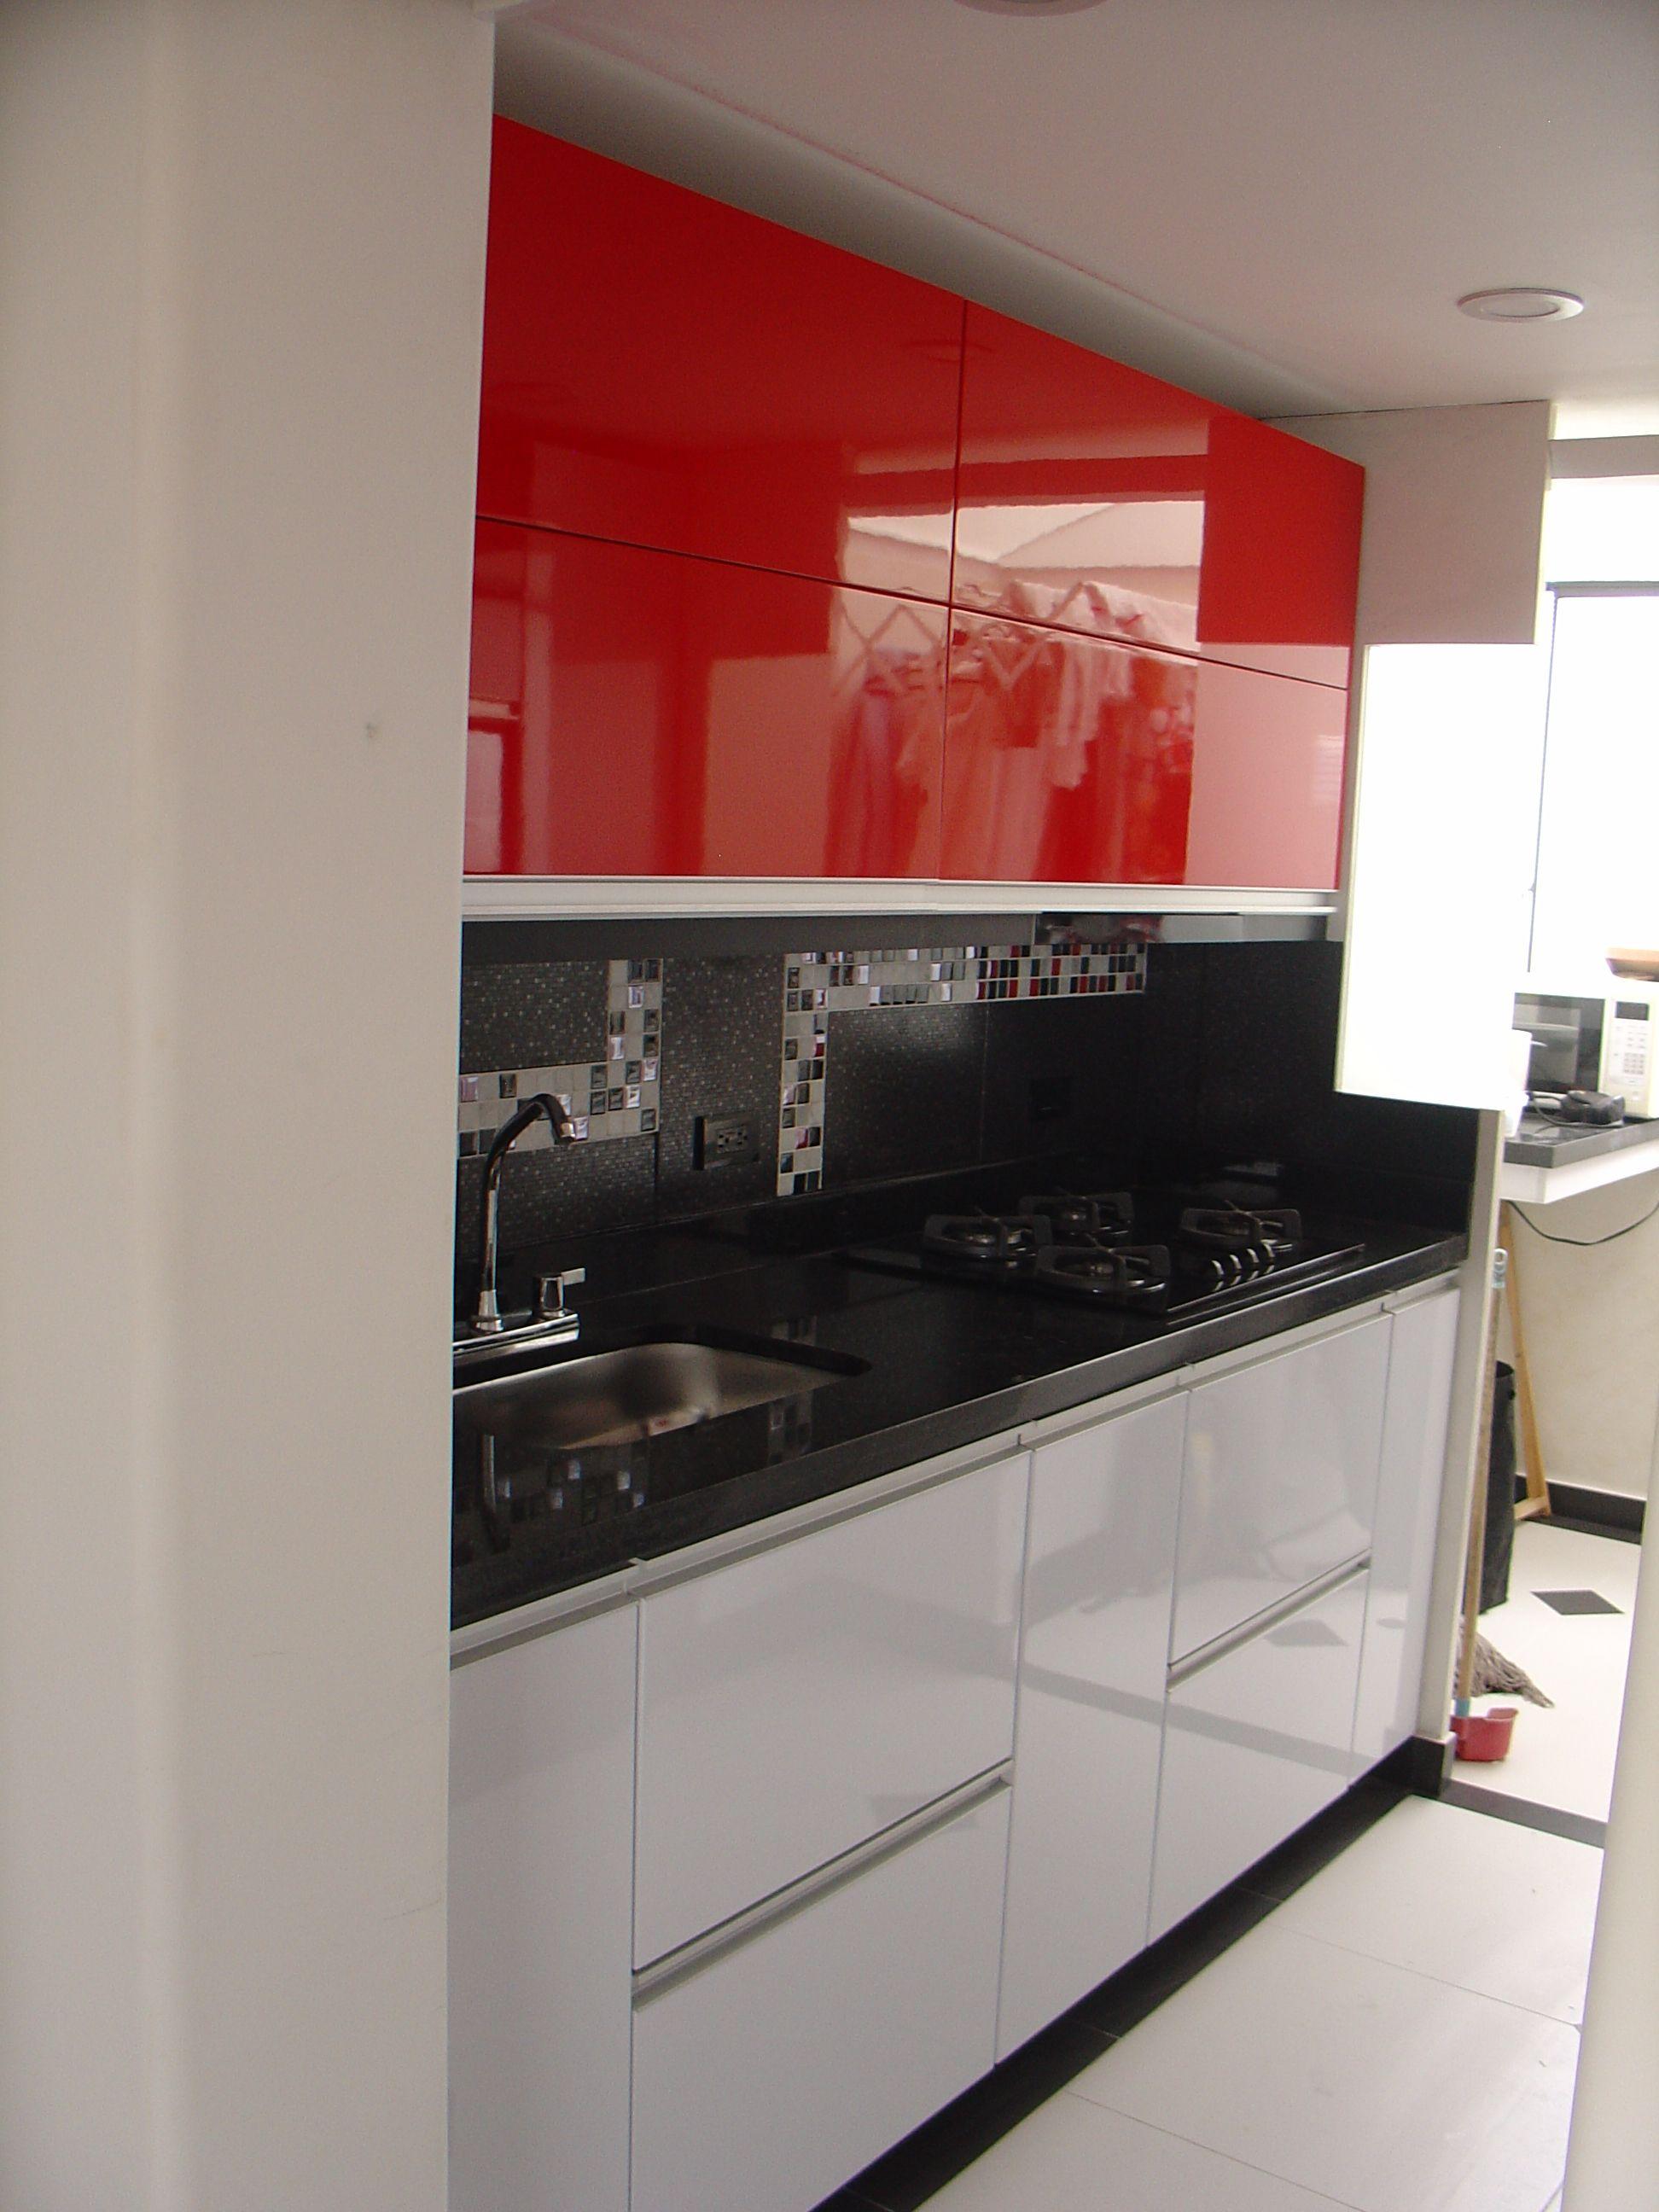 Cocina en poliuretano y aluminio blanca roja y negra for Cocinas integrales en aluminio